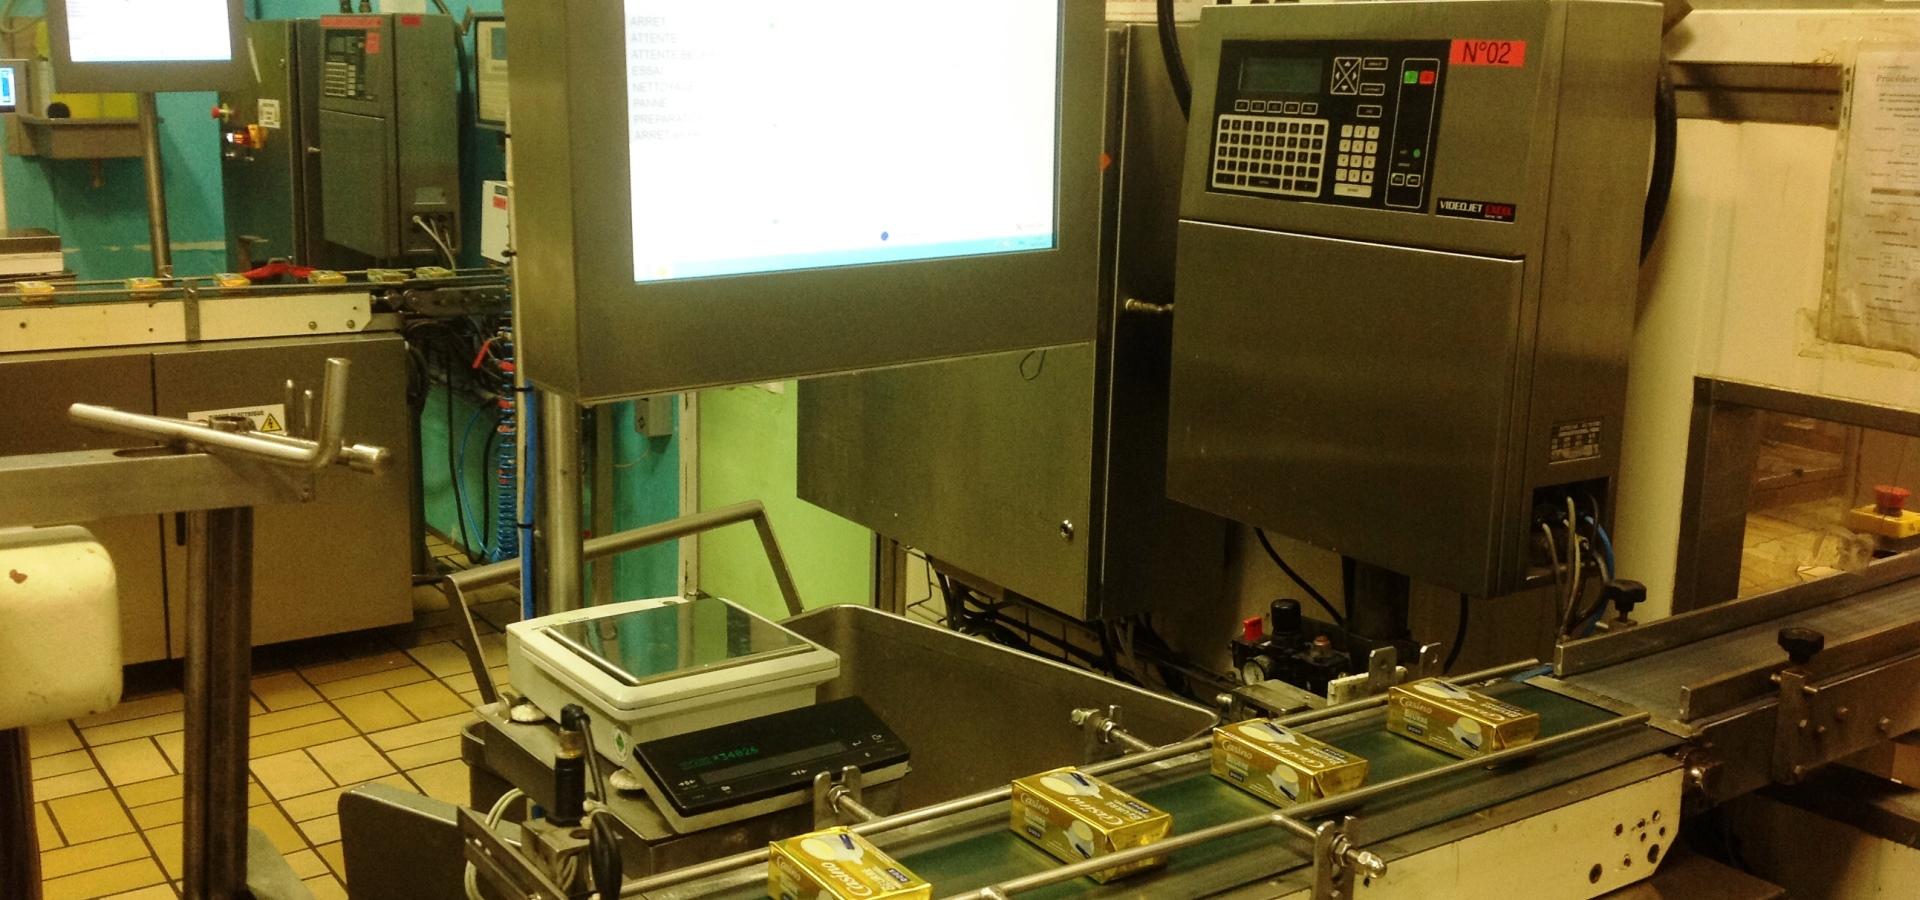 LACTALIS – Non-production time management